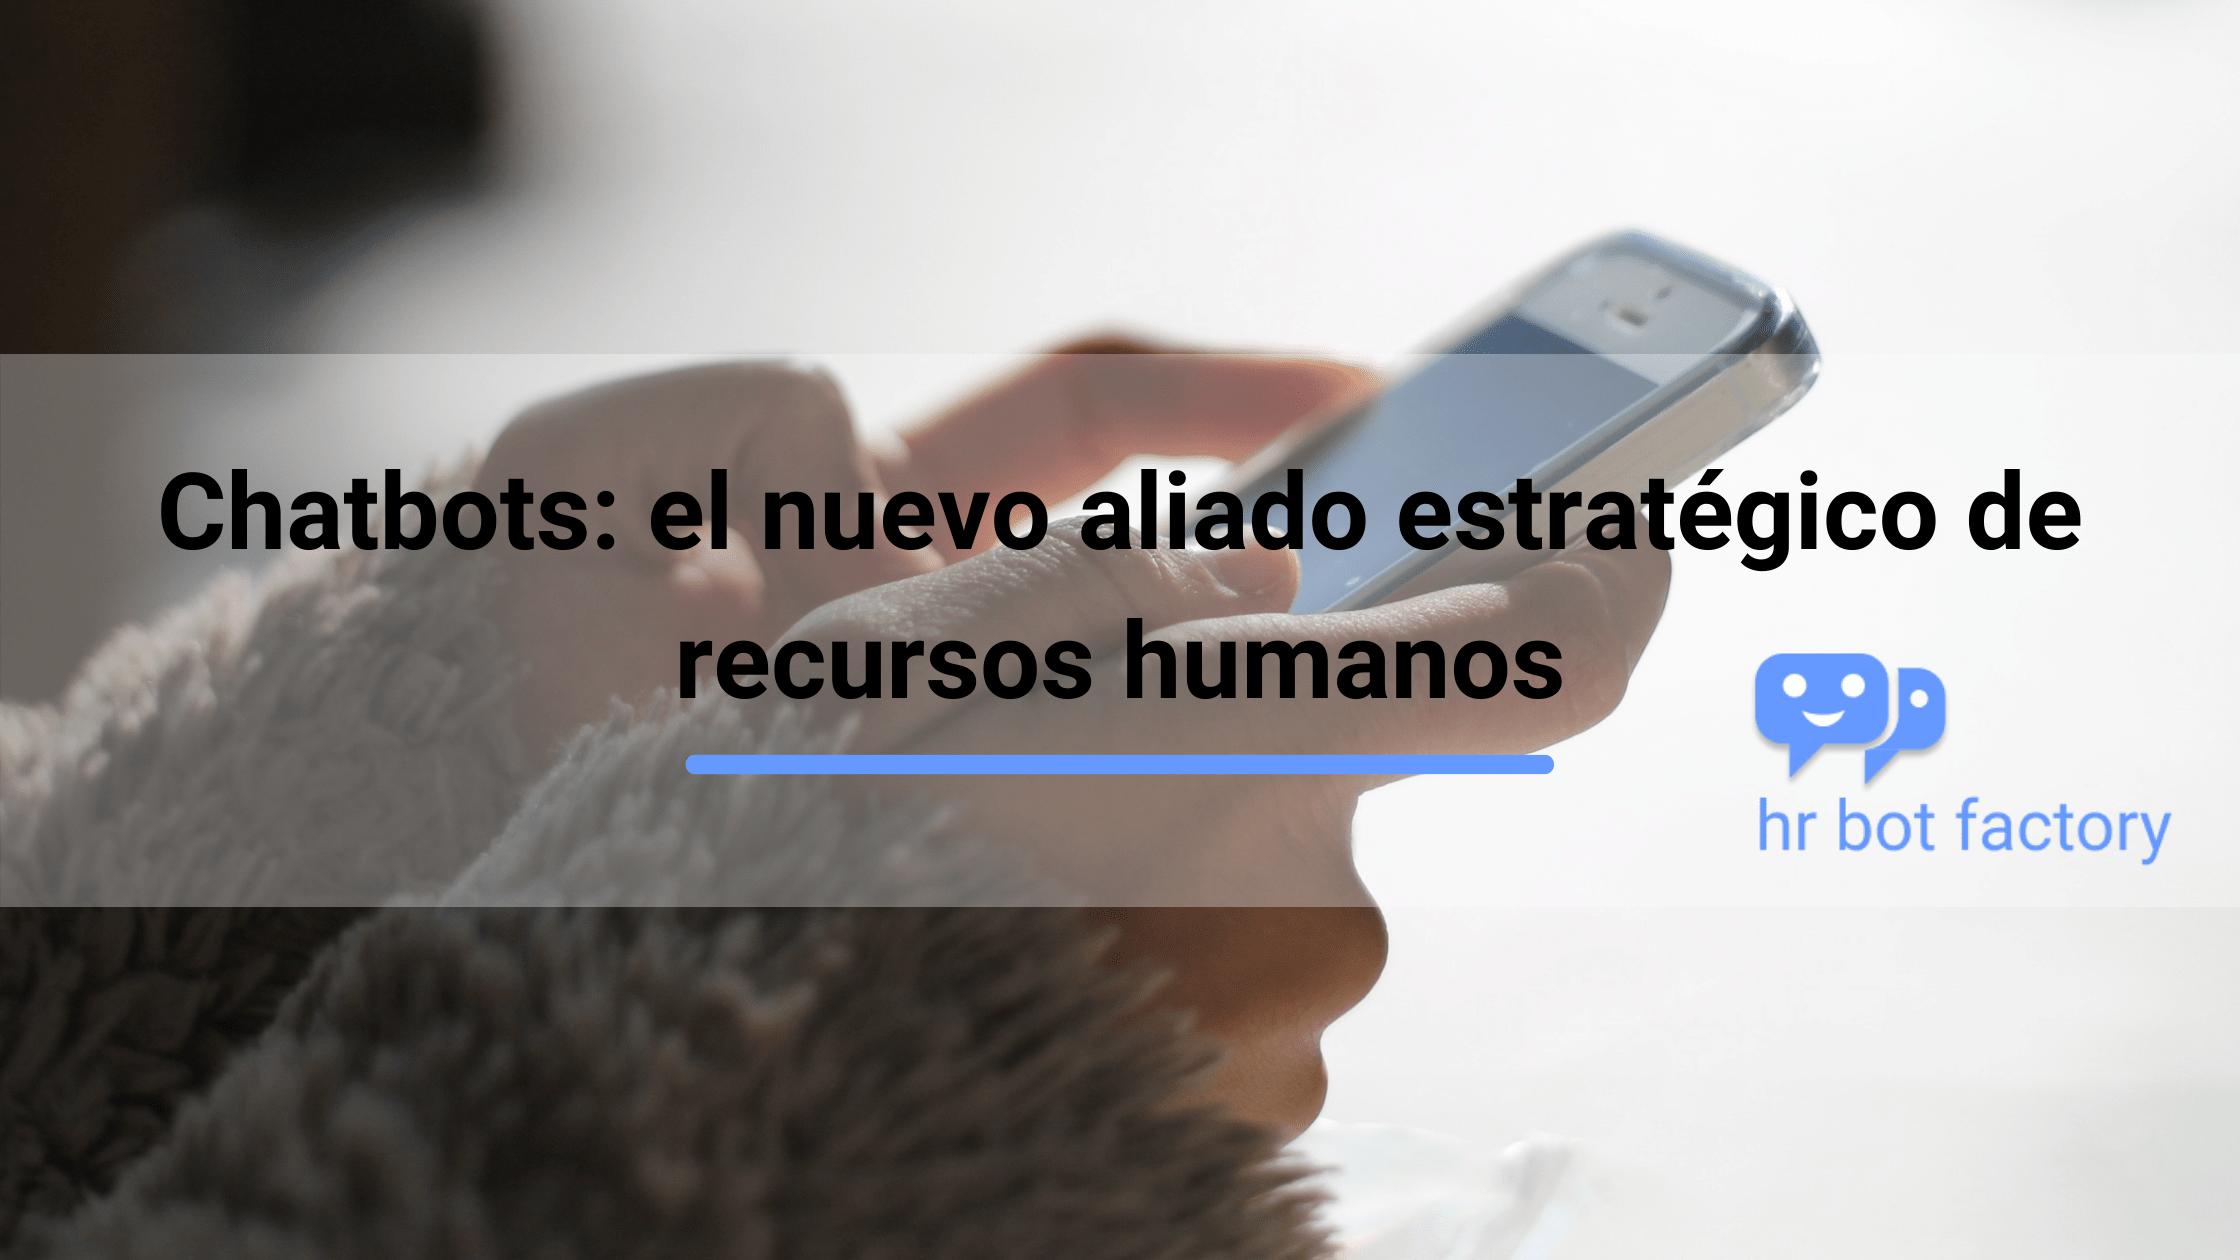 Chatbots: el nuevo aliado estratégico de recursos humanos